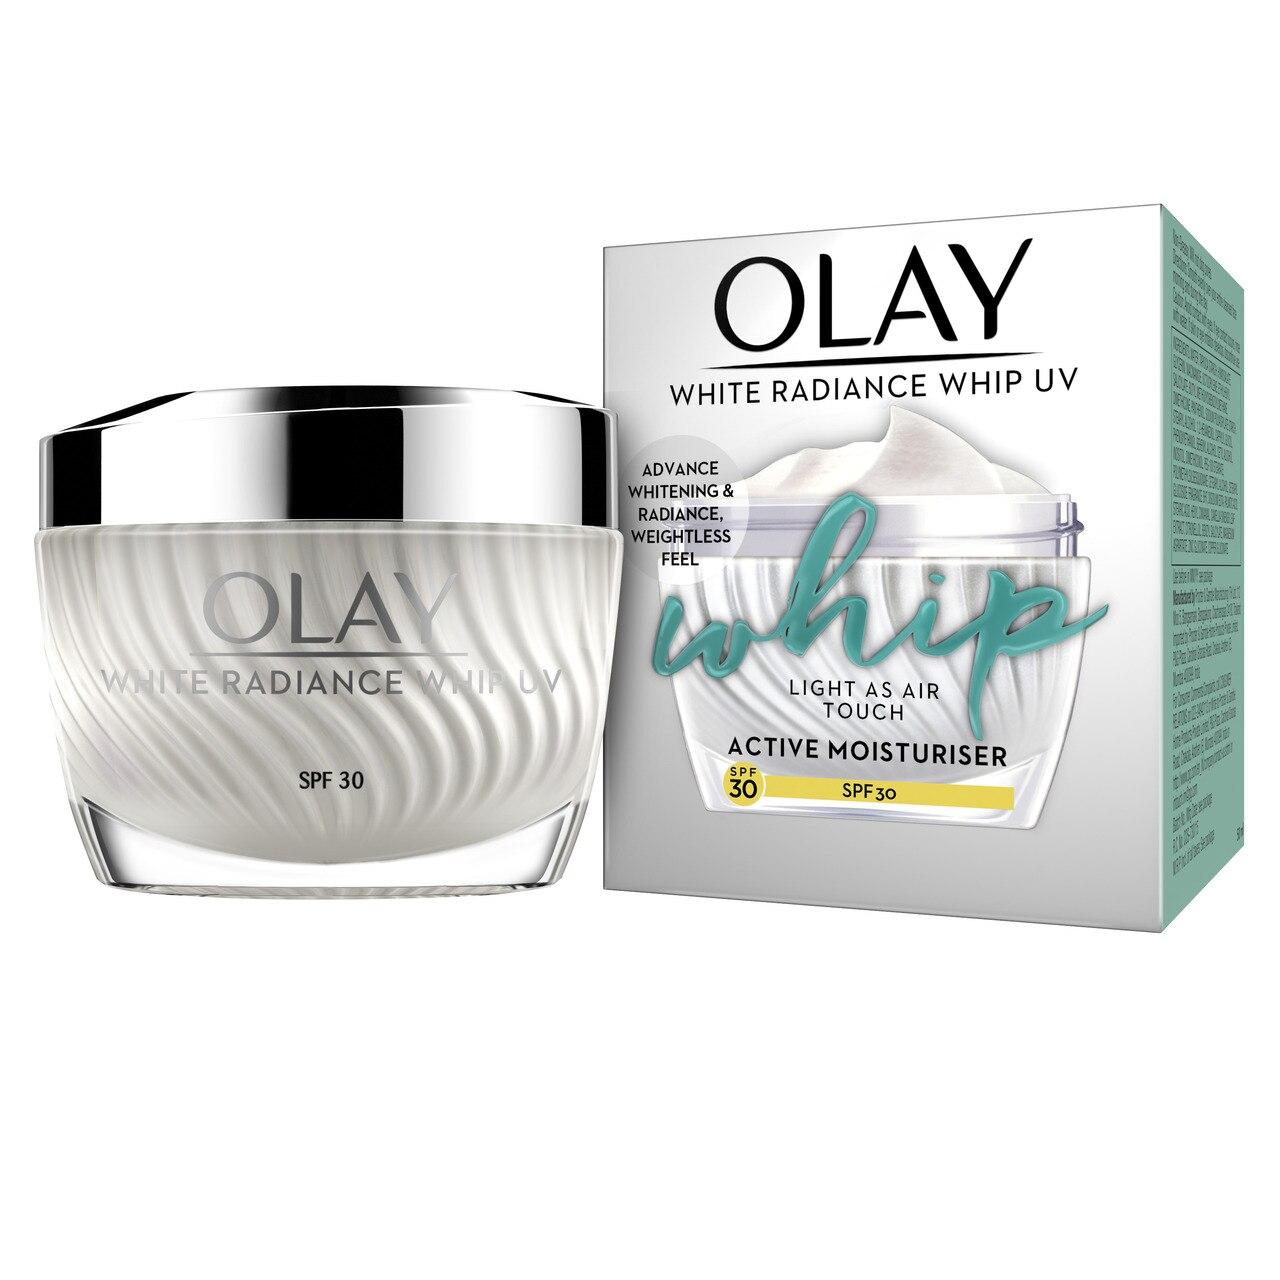 Olay White Radiance Whips SPF 30